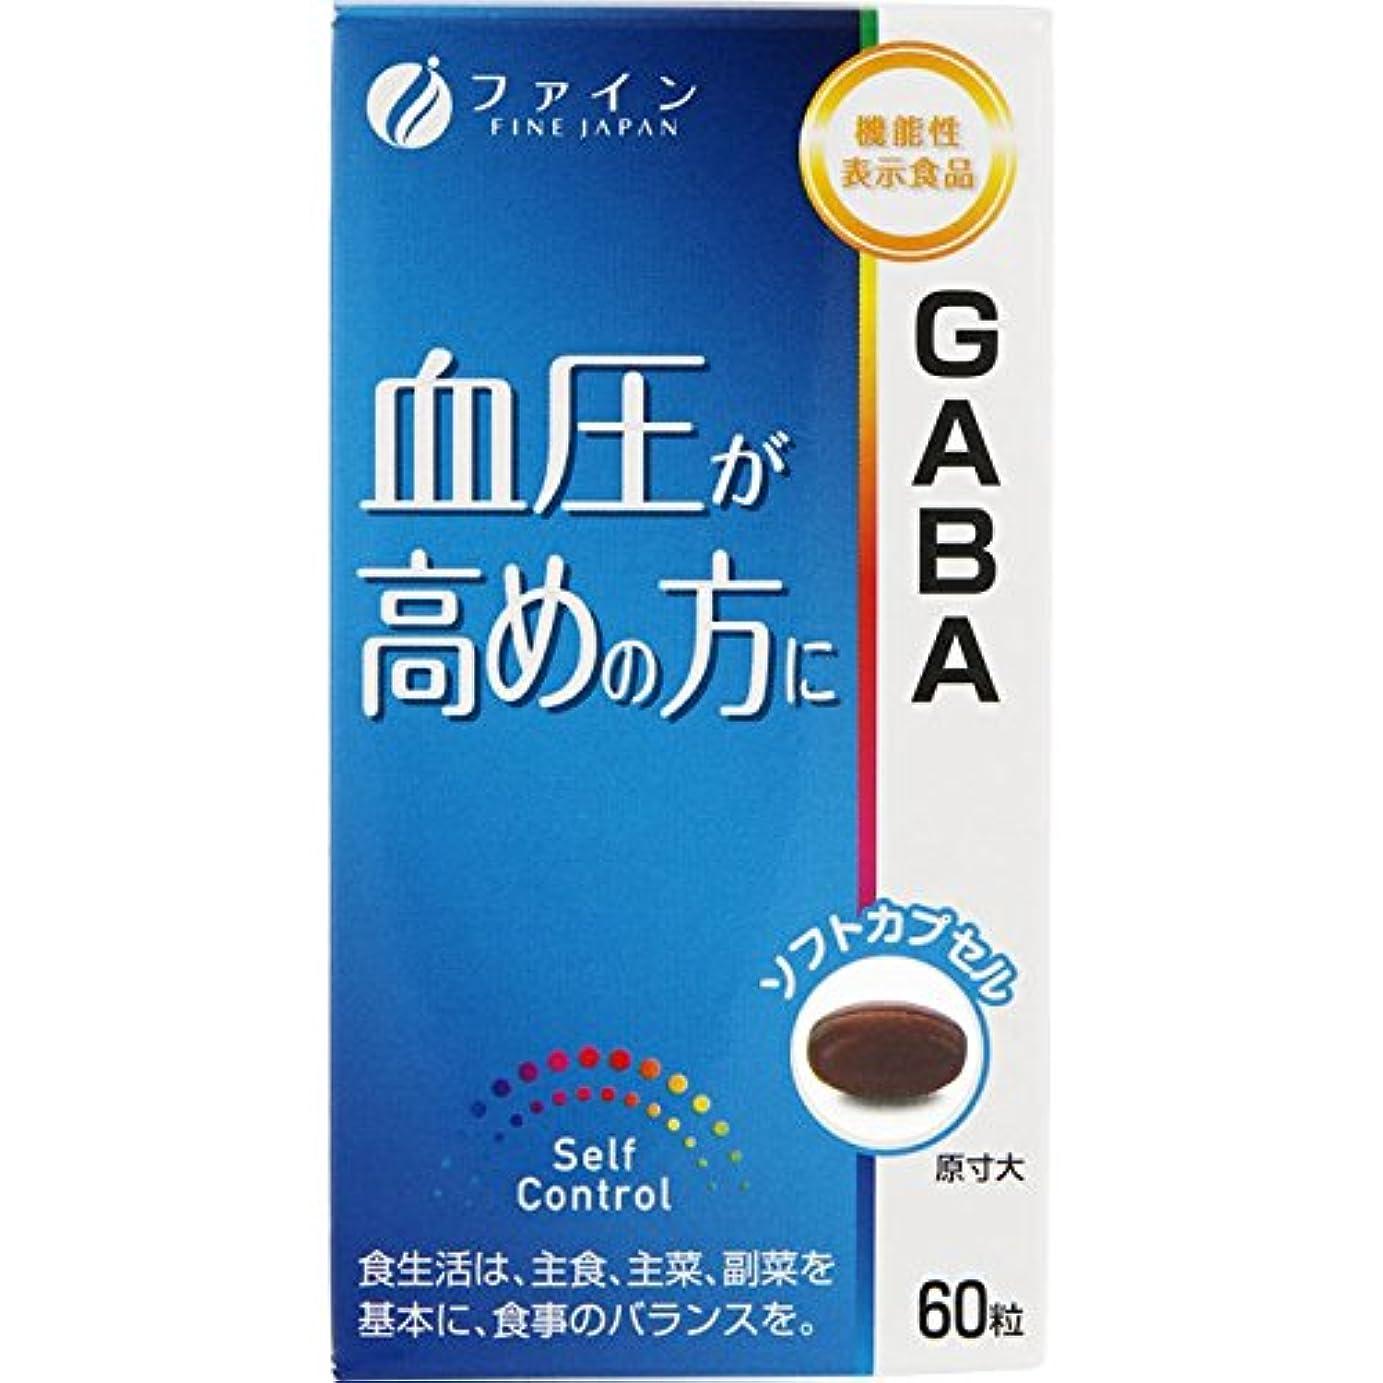 見捨てる司書シェードファイン 機能性表示食品 GABA 30日分(60粒) EPA DHA 配合